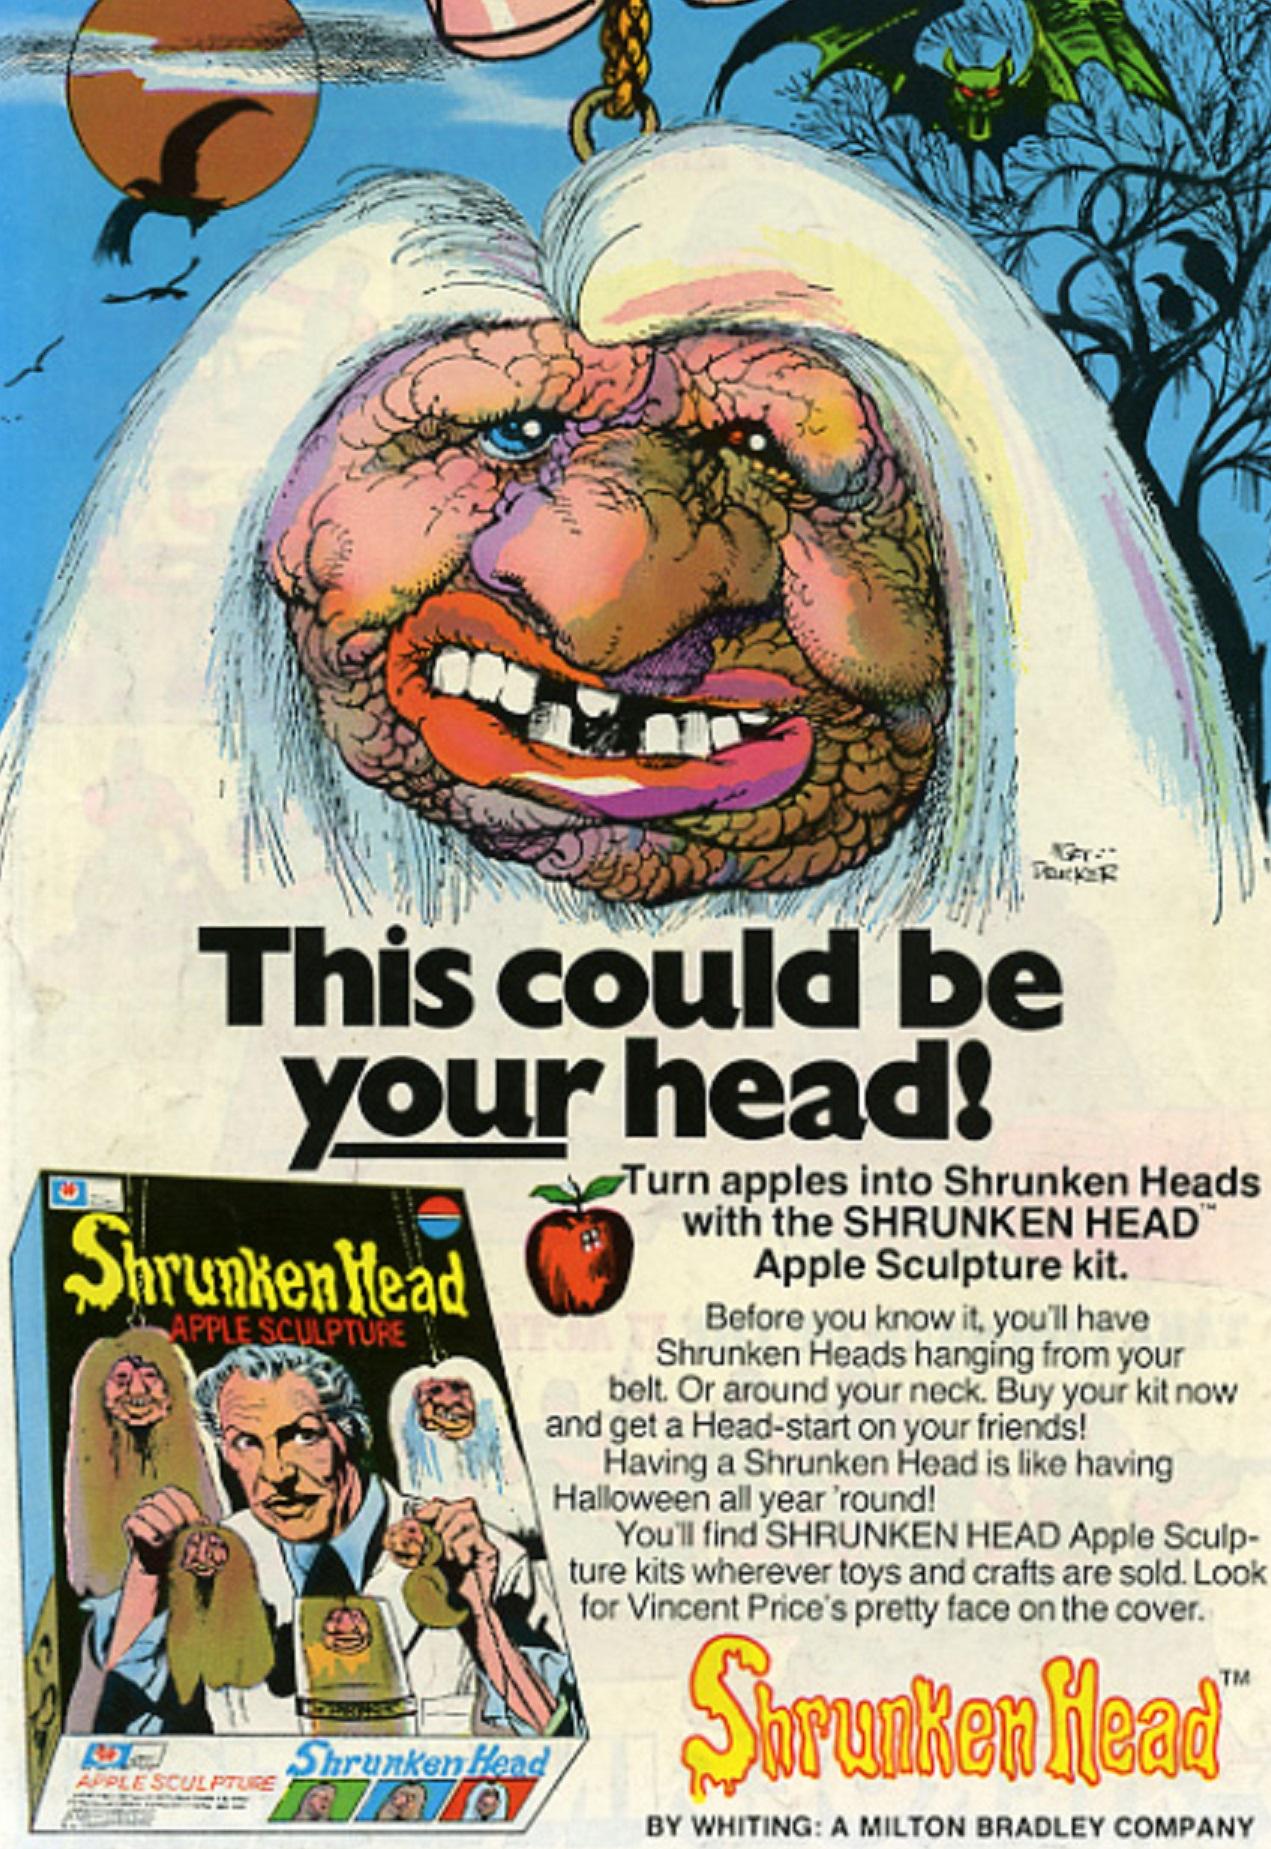 Vincent Price's Shrunken Head Kit Mort Drucker art